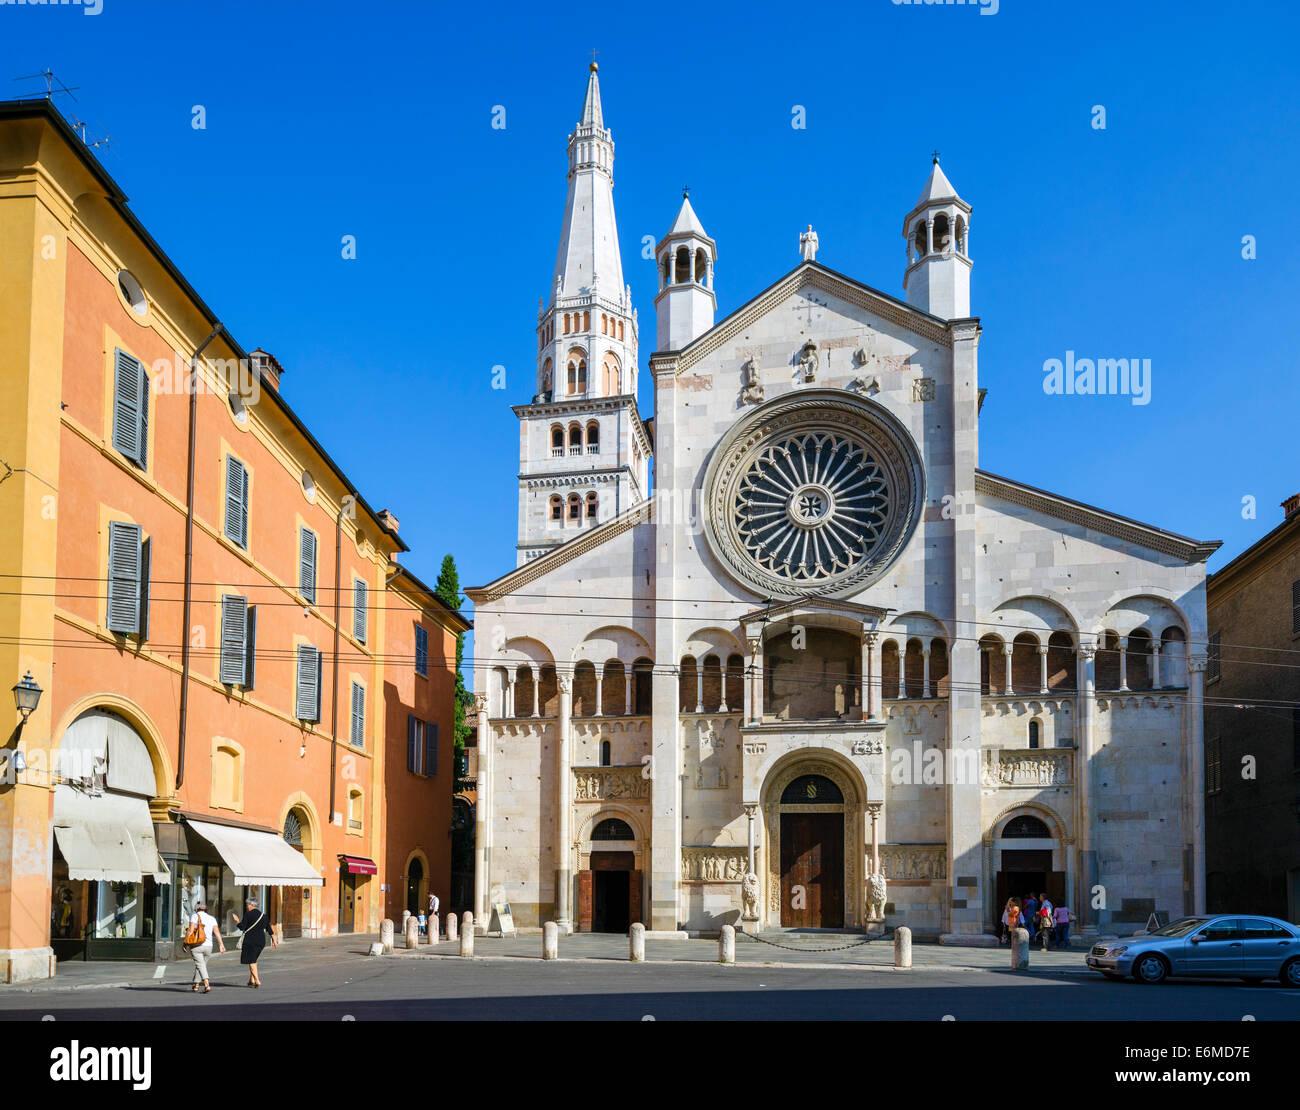 La façade occidentale de la cathédrale, la Piazza Duomo, Modène, Émilie-Romagne, Italie Photo Stock